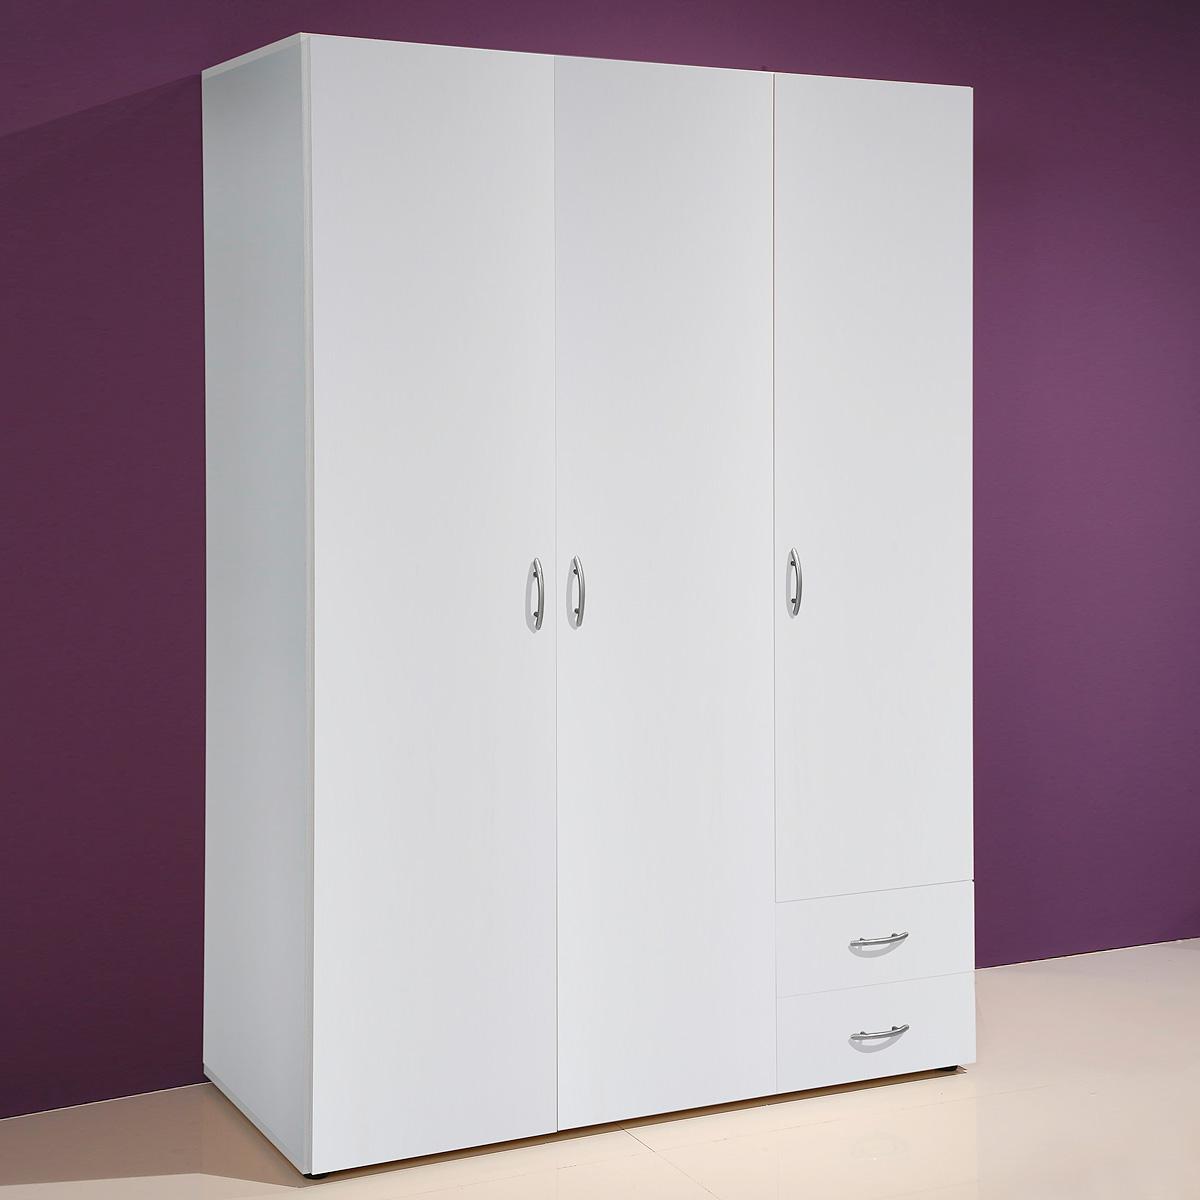 kleiderschrank base 3 schlafzimmer schrank 120cm. Black Bedroom Furniture Sets. Home Design Ideas